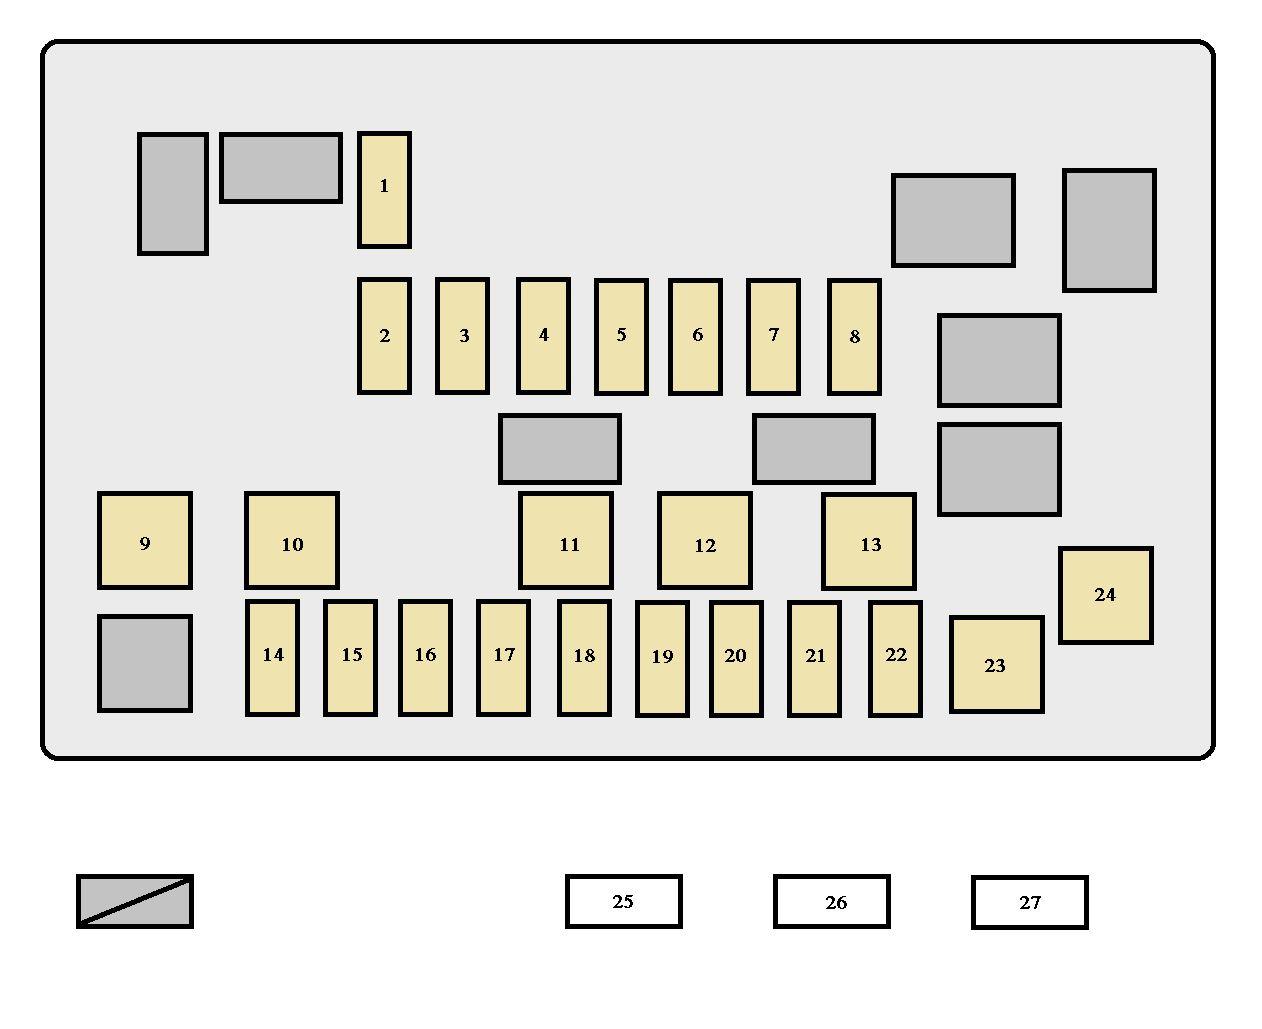 Fuse Box For Scion Tc Wiring Diagram 2013 Scion Xb Fuse Box Location Scion  Fuse Box